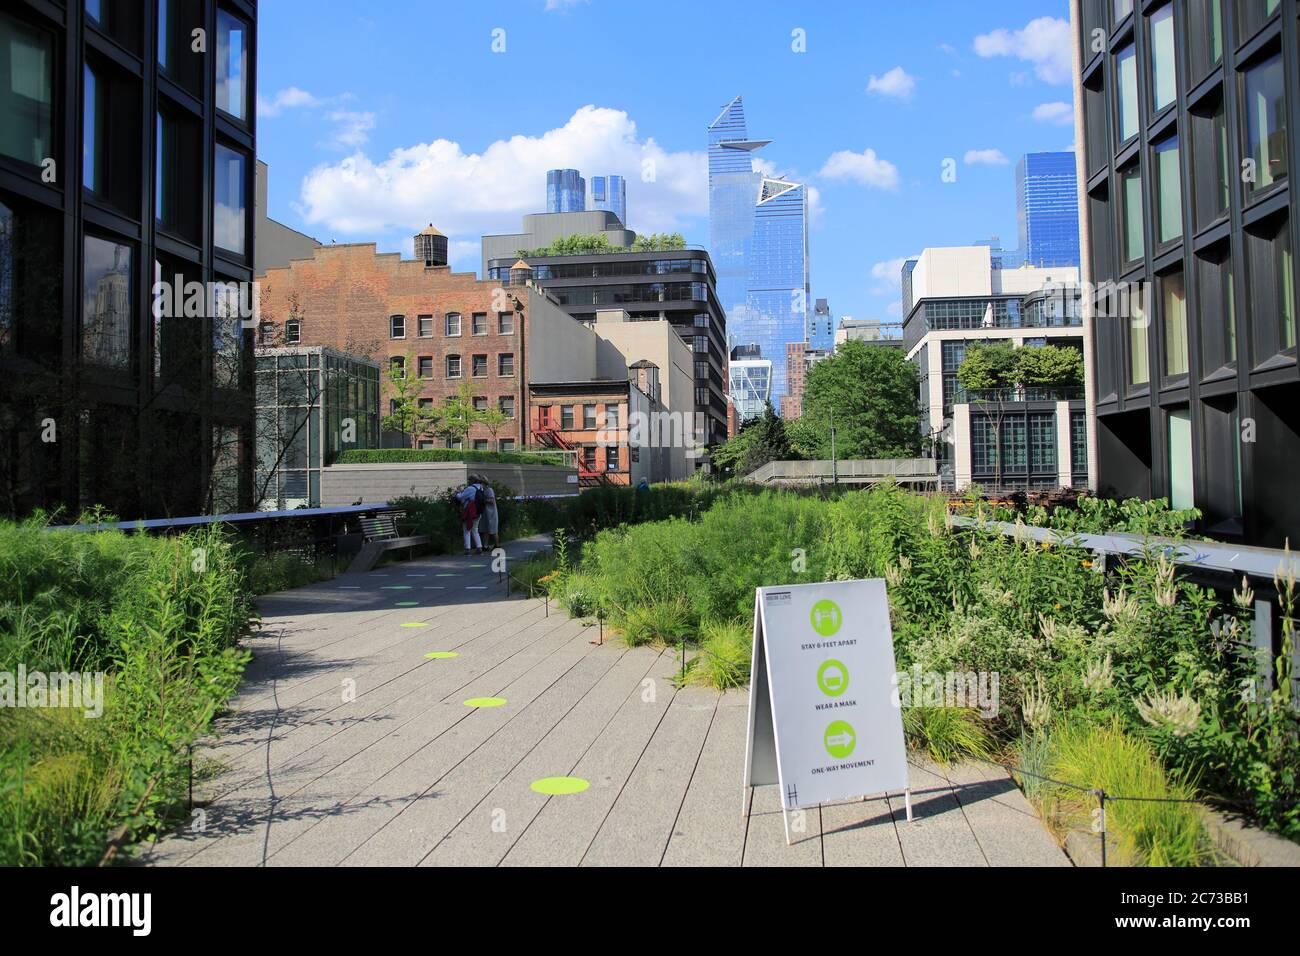 High Line Park en Manhattan se reabre al público el 16 de julio con capacidad limitada, reglas de distanciamiento social en su lugar y que requieren que los visitantes usen máscaras. Los círculos verdes en los pasillos ayudan a los visitantes a mantener a seis pies separados. El parque había estado cerrado desde marzo durante el bloqueo de la pandemia de cornonavirus. Nueva York, EE.UU. Julio de 2020 Foto de stock